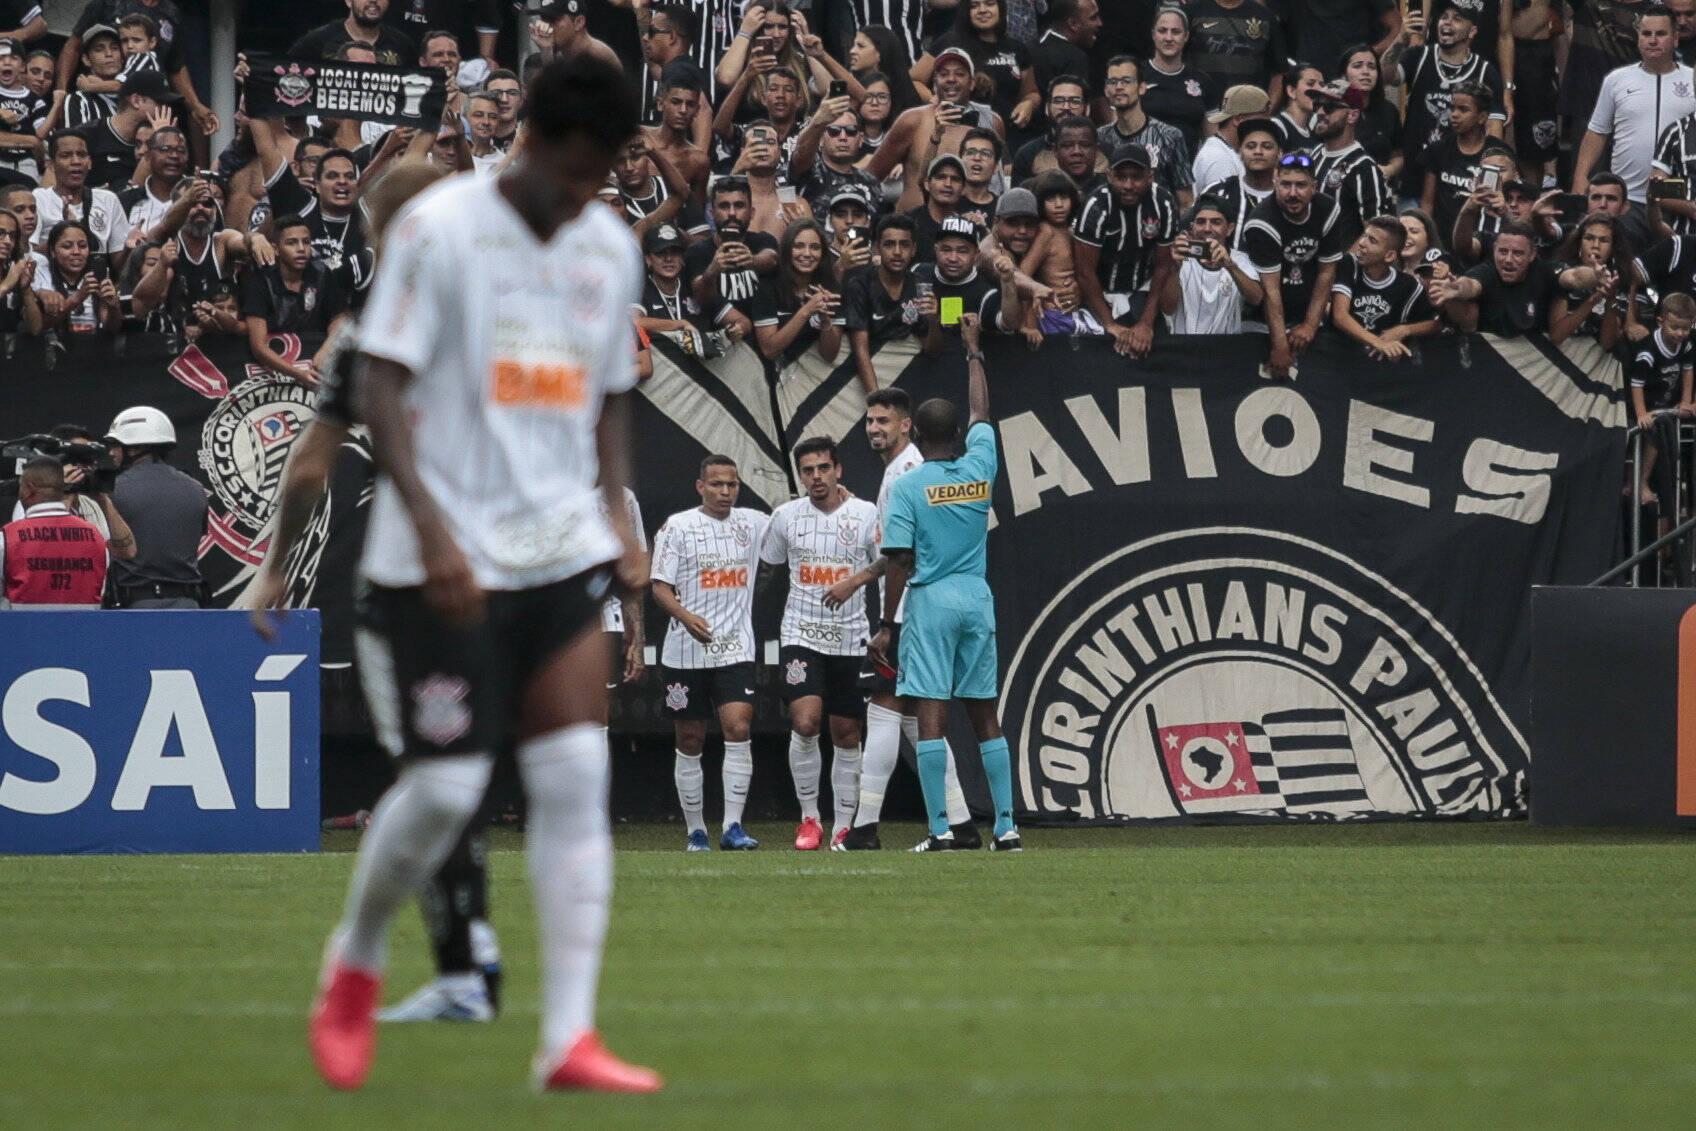 Foto: Ale Frata/Código 19/Agência O Globo